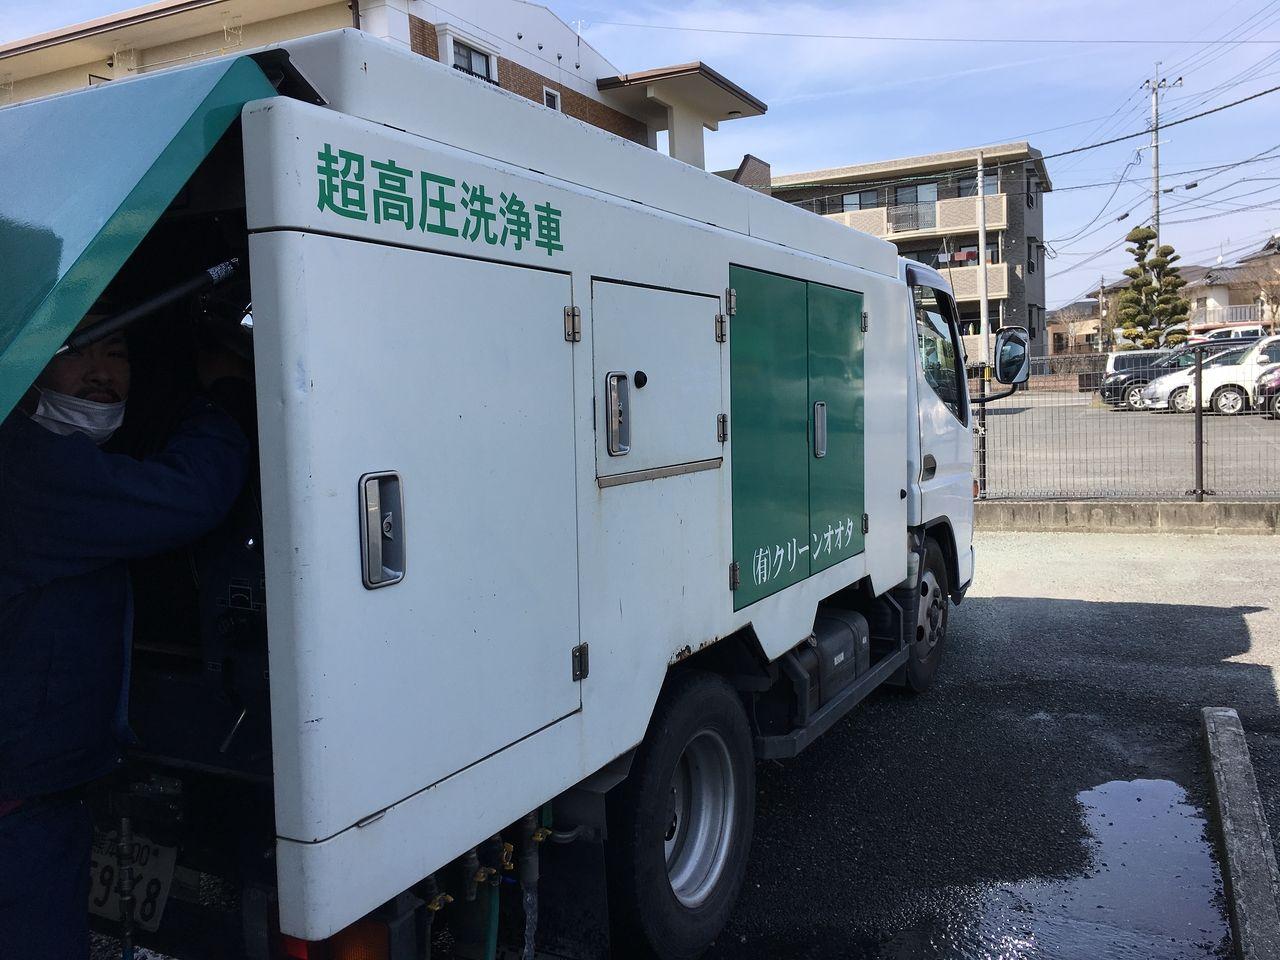 当社は入居者の皆さんに快適すごしていただくために定期的に排管の清掃作業をしてもらっています。